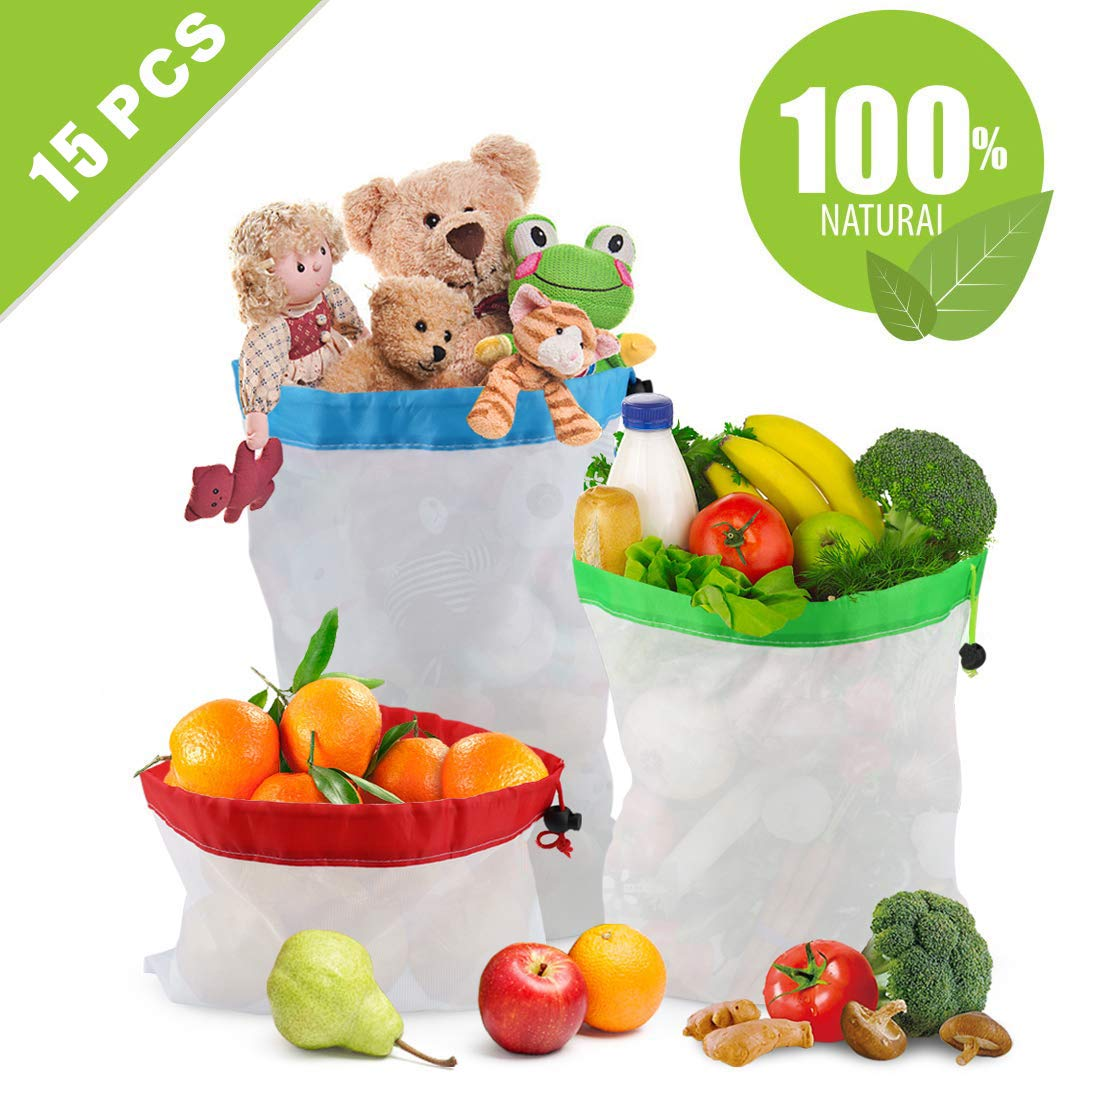 プレミアム再利用可能な野菜バッグ15枚セット シースルー 食品に安全なショッピング メッシュバッグ 引き紐付き フルーツや野菜用 軽量 洗濯可能 収納ネットバッグ (16.7 x 12.2, 13.8 x 12.2, 8.3 x 12.2インチ) B07QTK7523